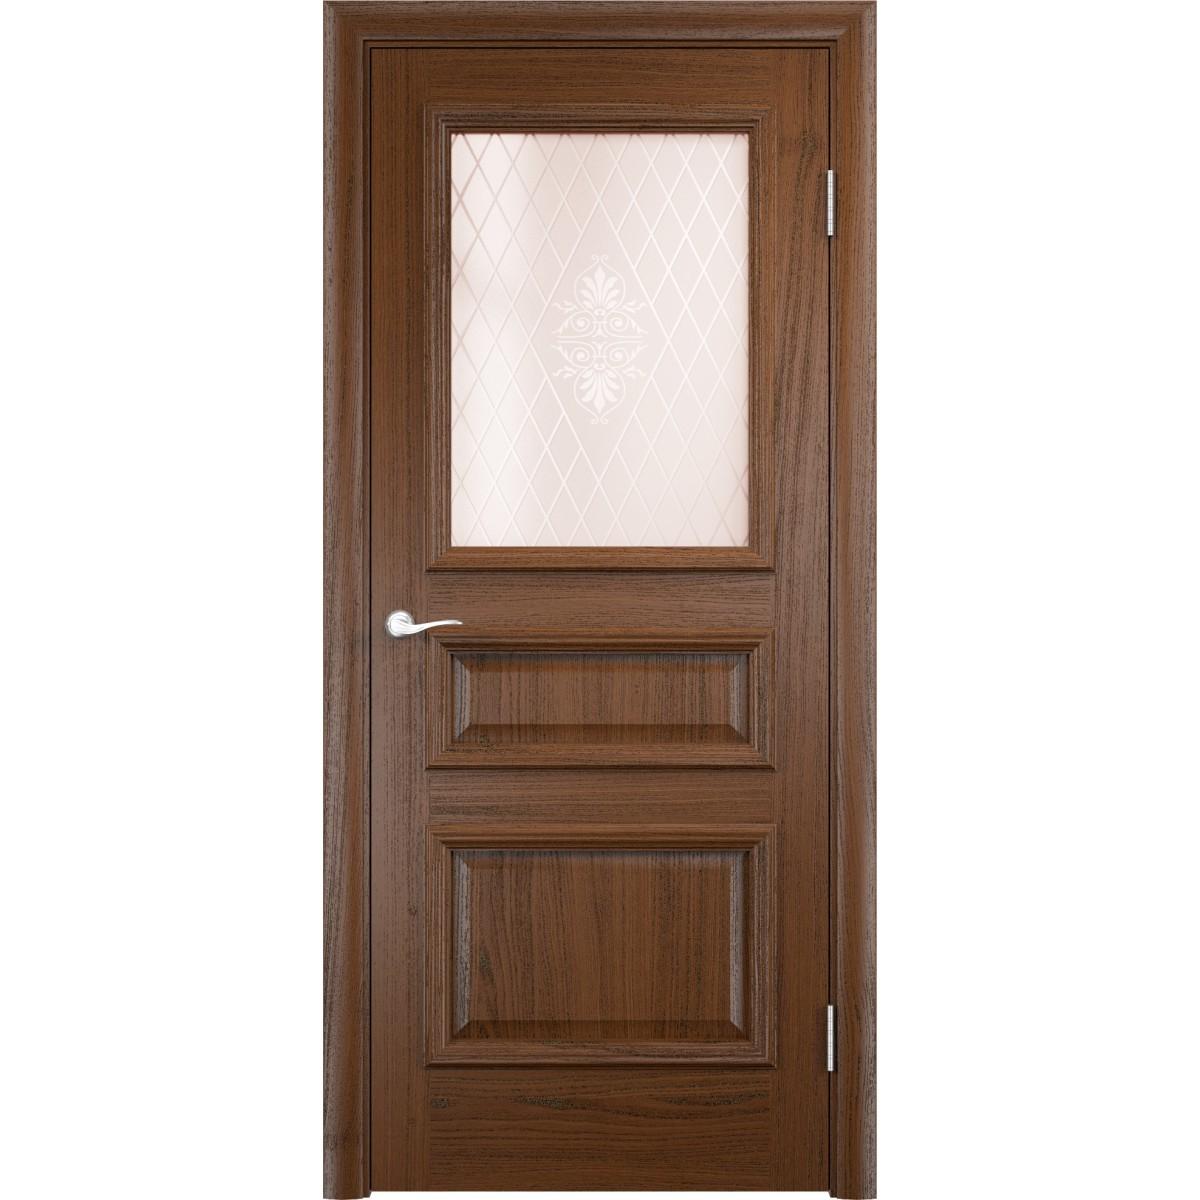 Дверь Межкомнатная Остеклённая Мадрид 60x200 Шпон Цвет Дуб Тёмный С Фурнитурой